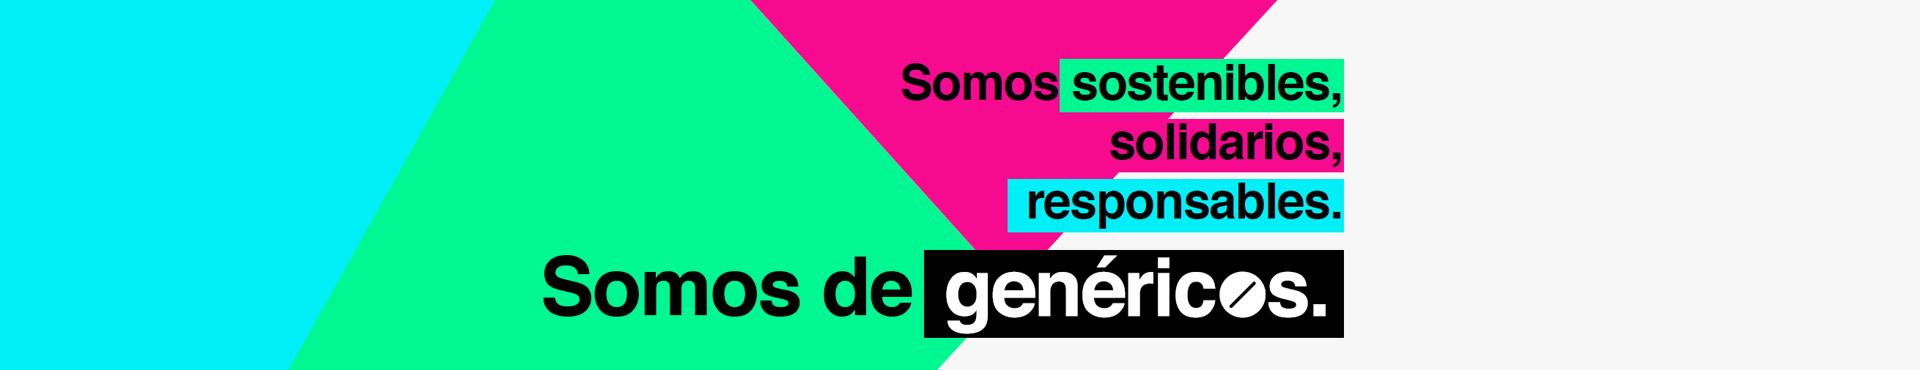 banner-somos-de-genericos2020